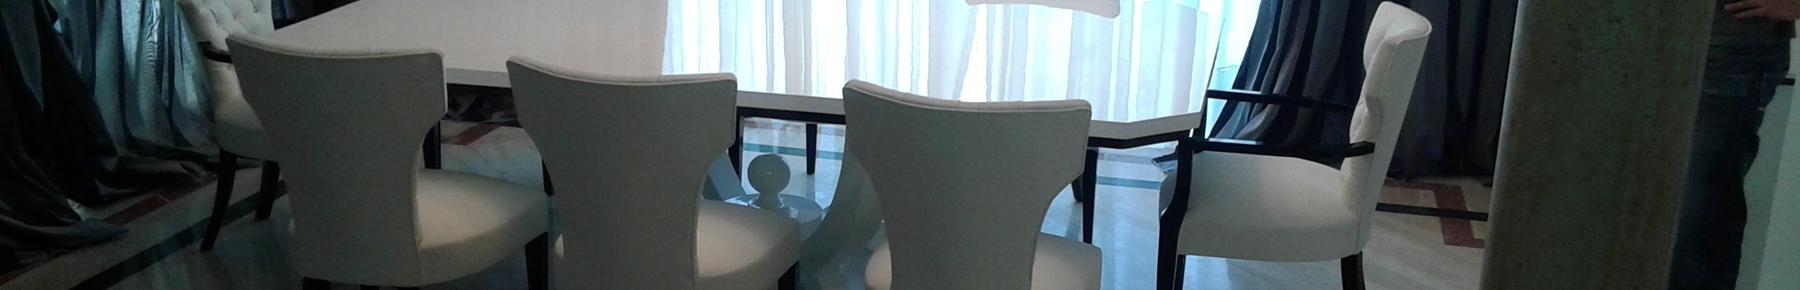 lacado de muebles marbella